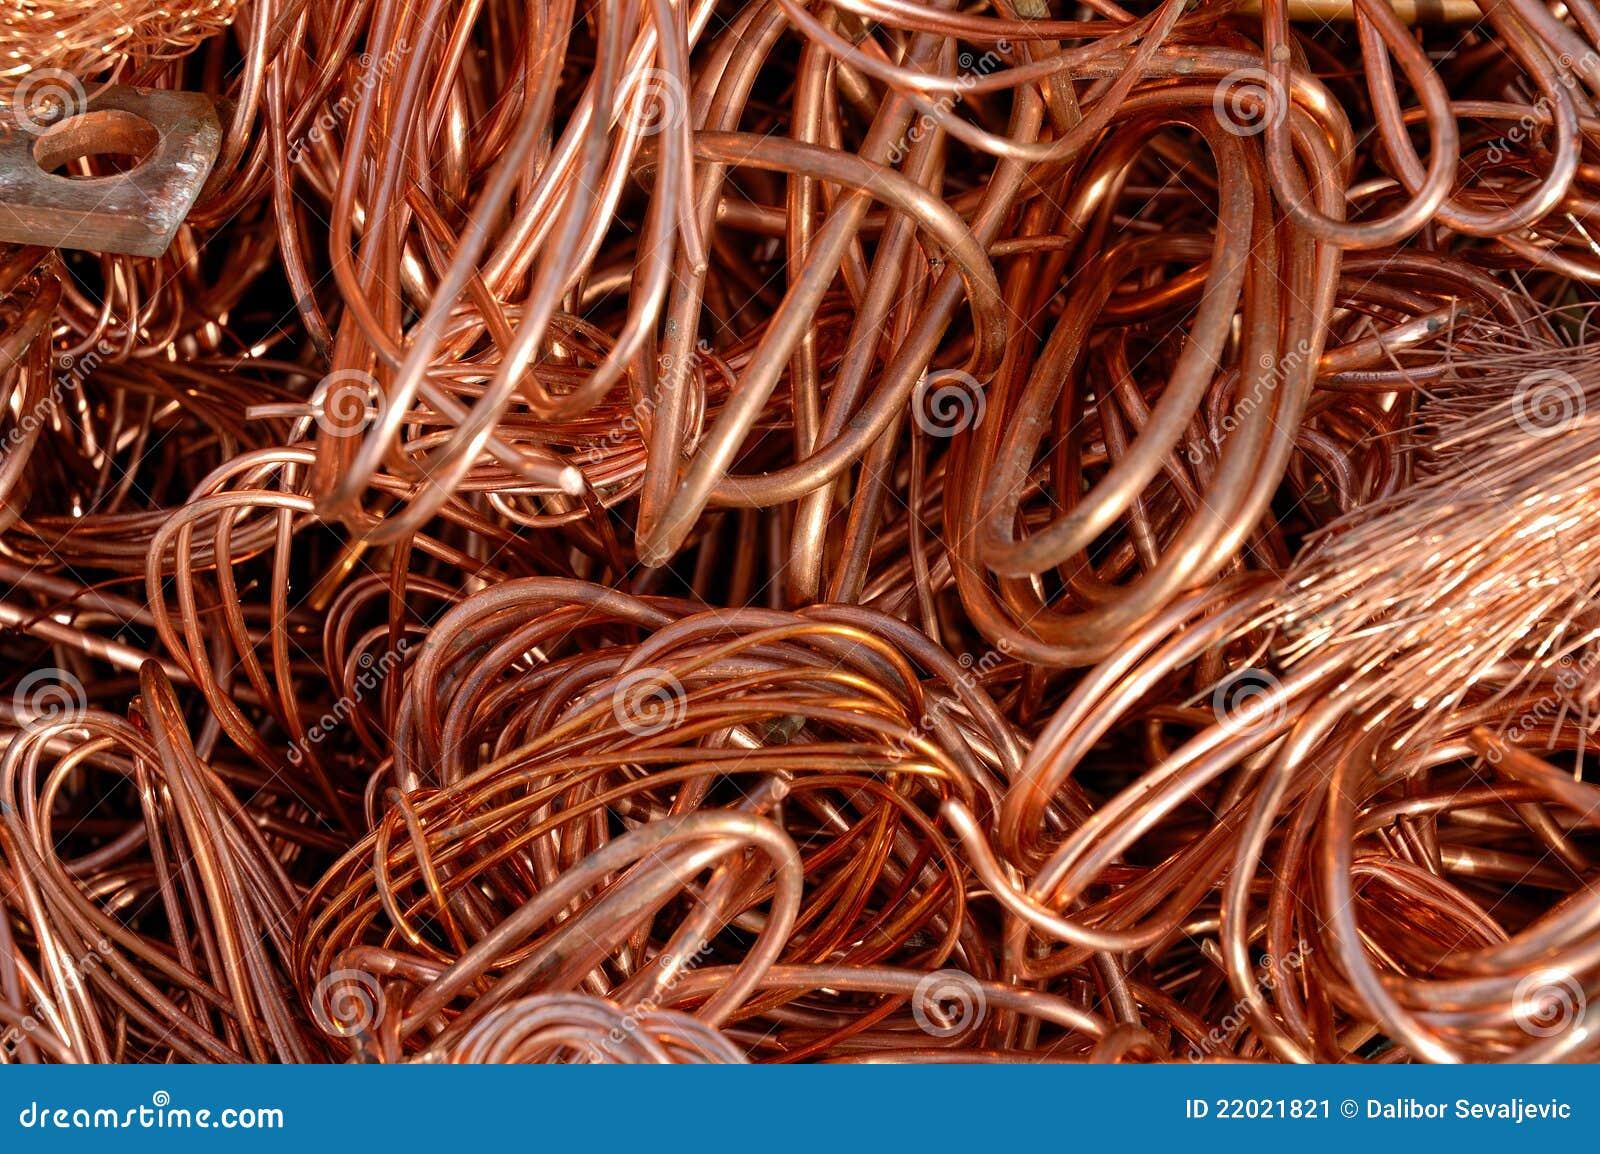 Alambre de cobre imagen de archivo imagen 22021821 - Alambre de cobre ...